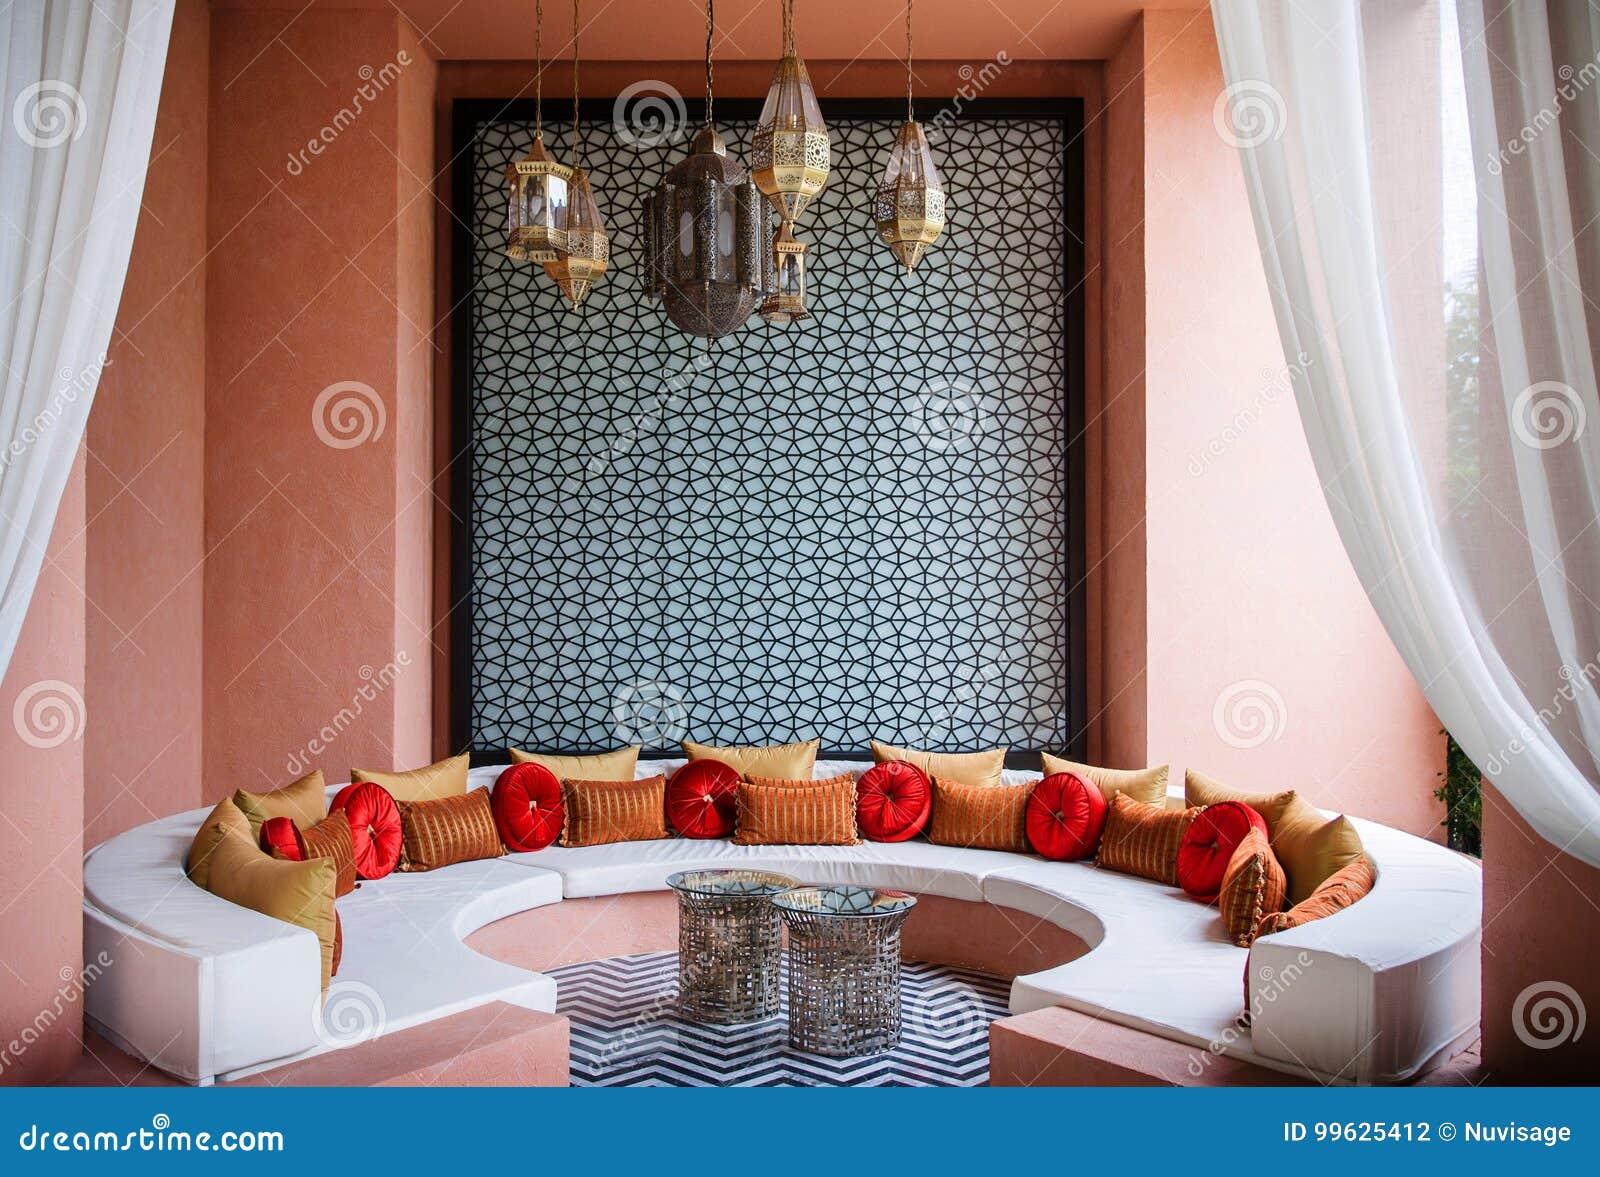 Marokkanisches Art-Wohnzimmer, Marokkanische Dekoration ...